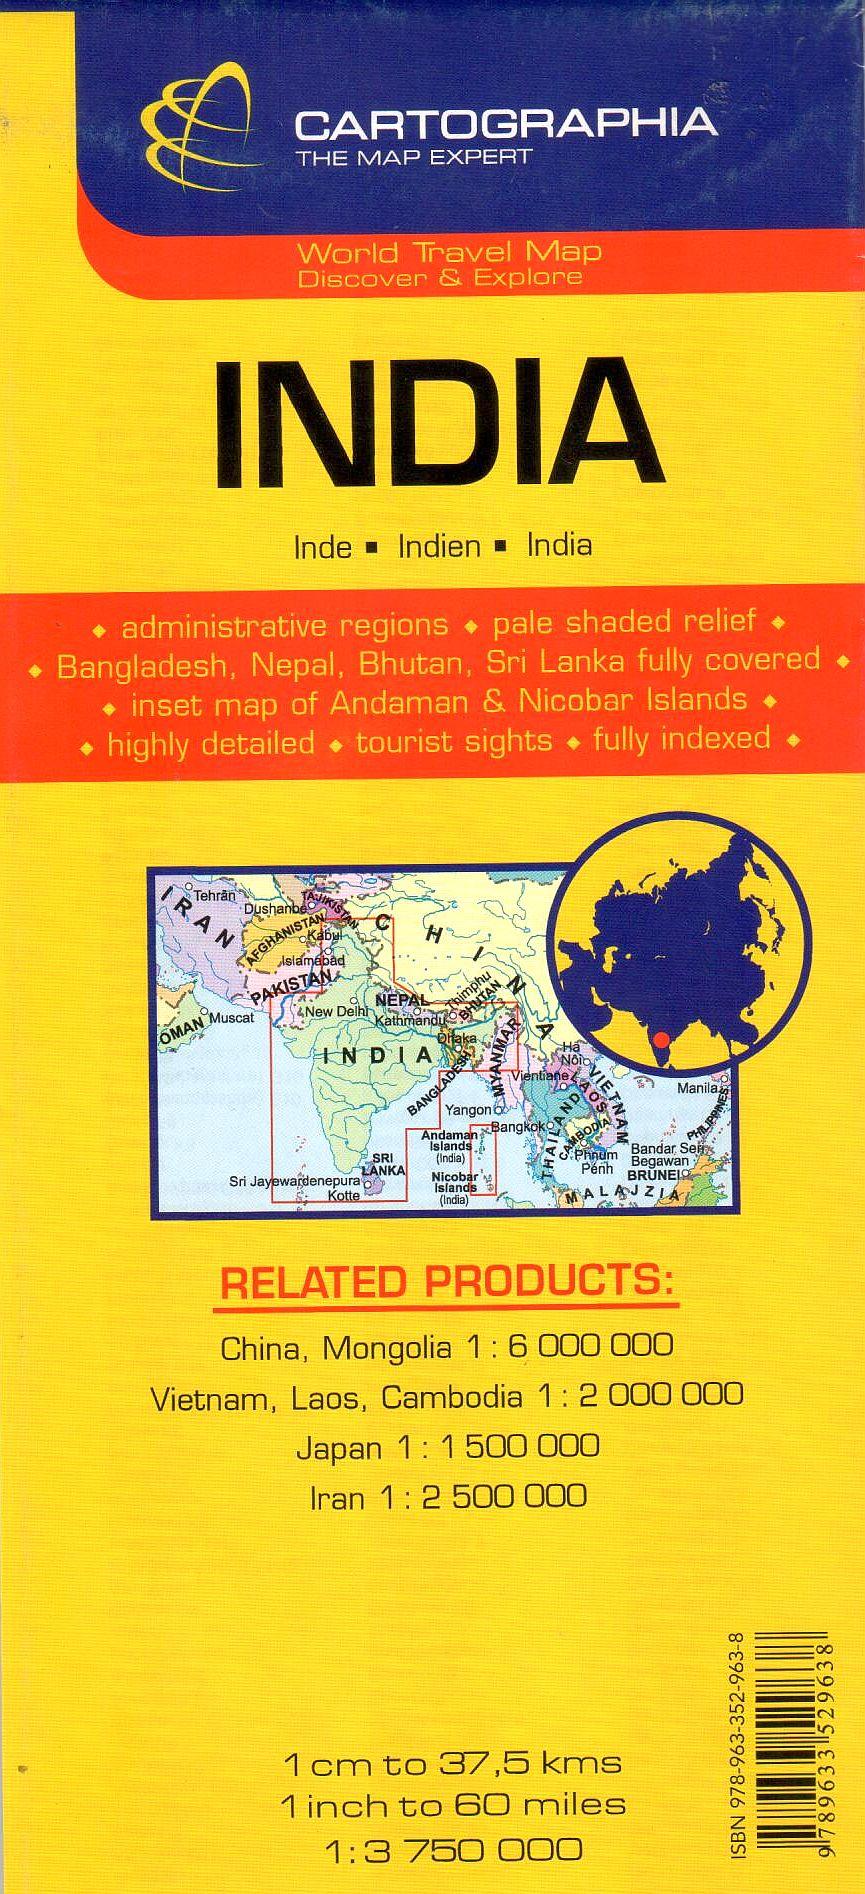 Az India térkép által lefedett terület